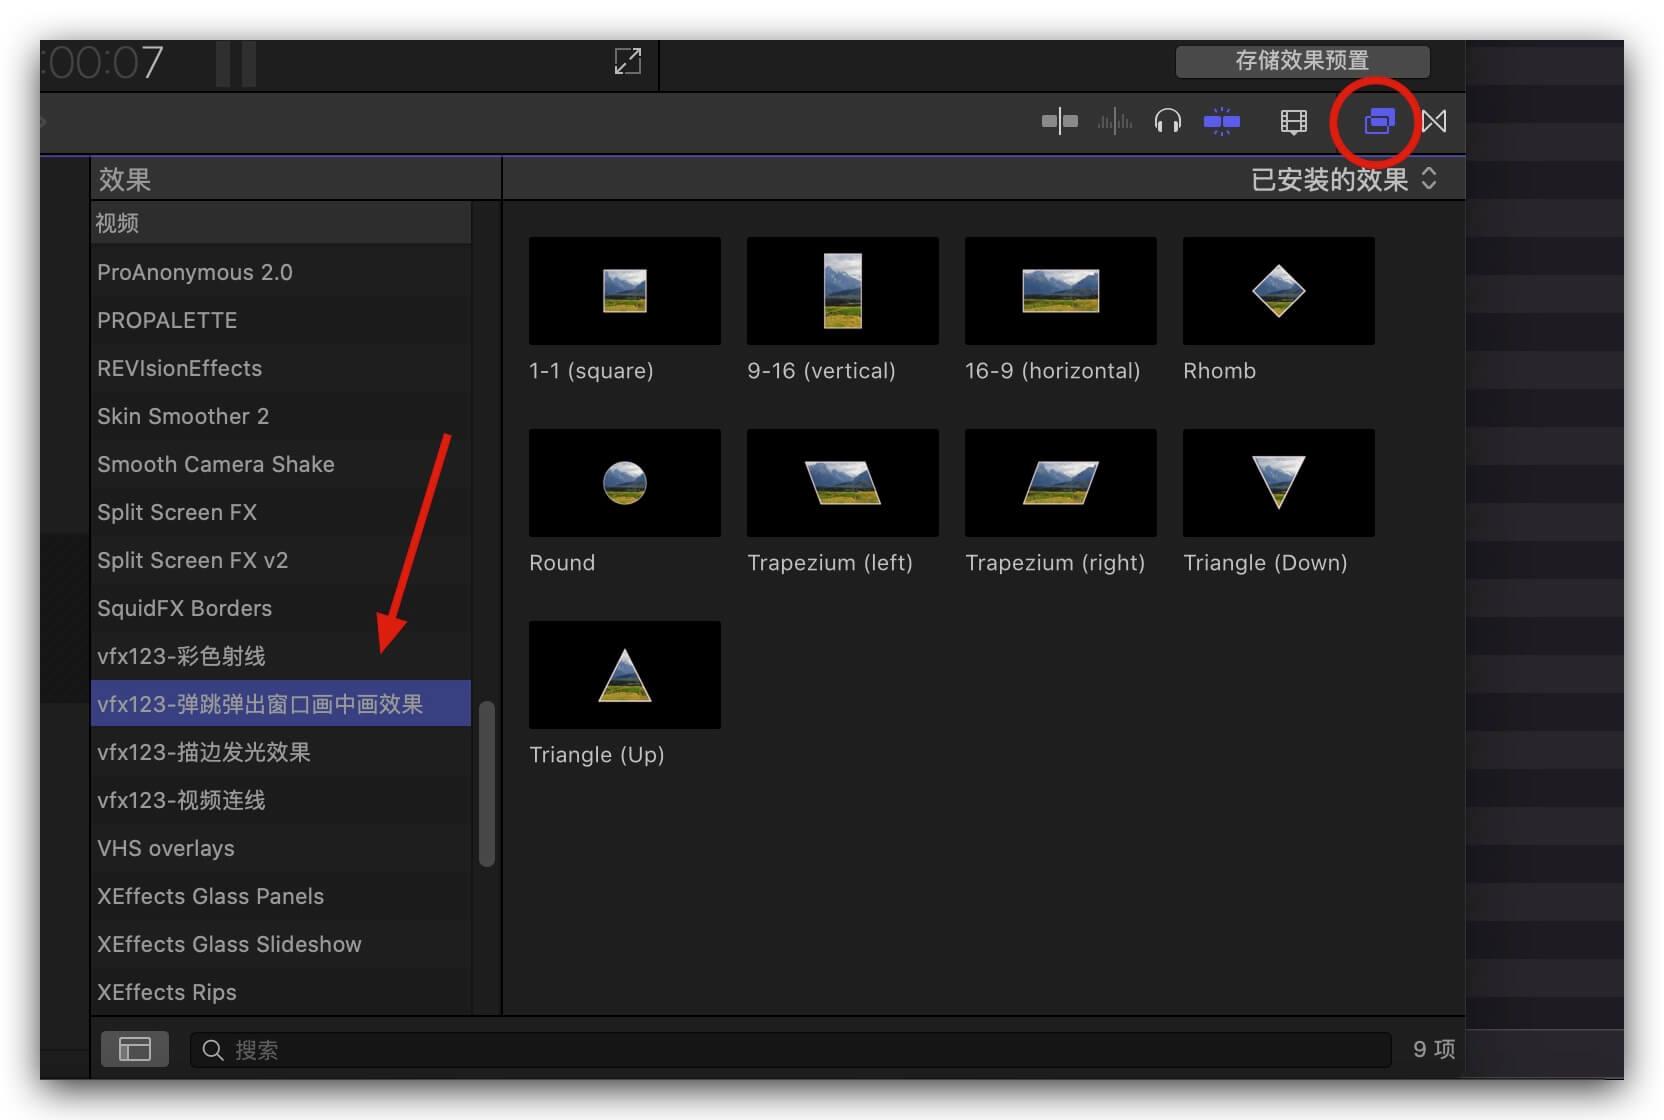 fcpx插件 多形状弹跳弹出窗口画中画效果预设 Bounce Pop Up Effects